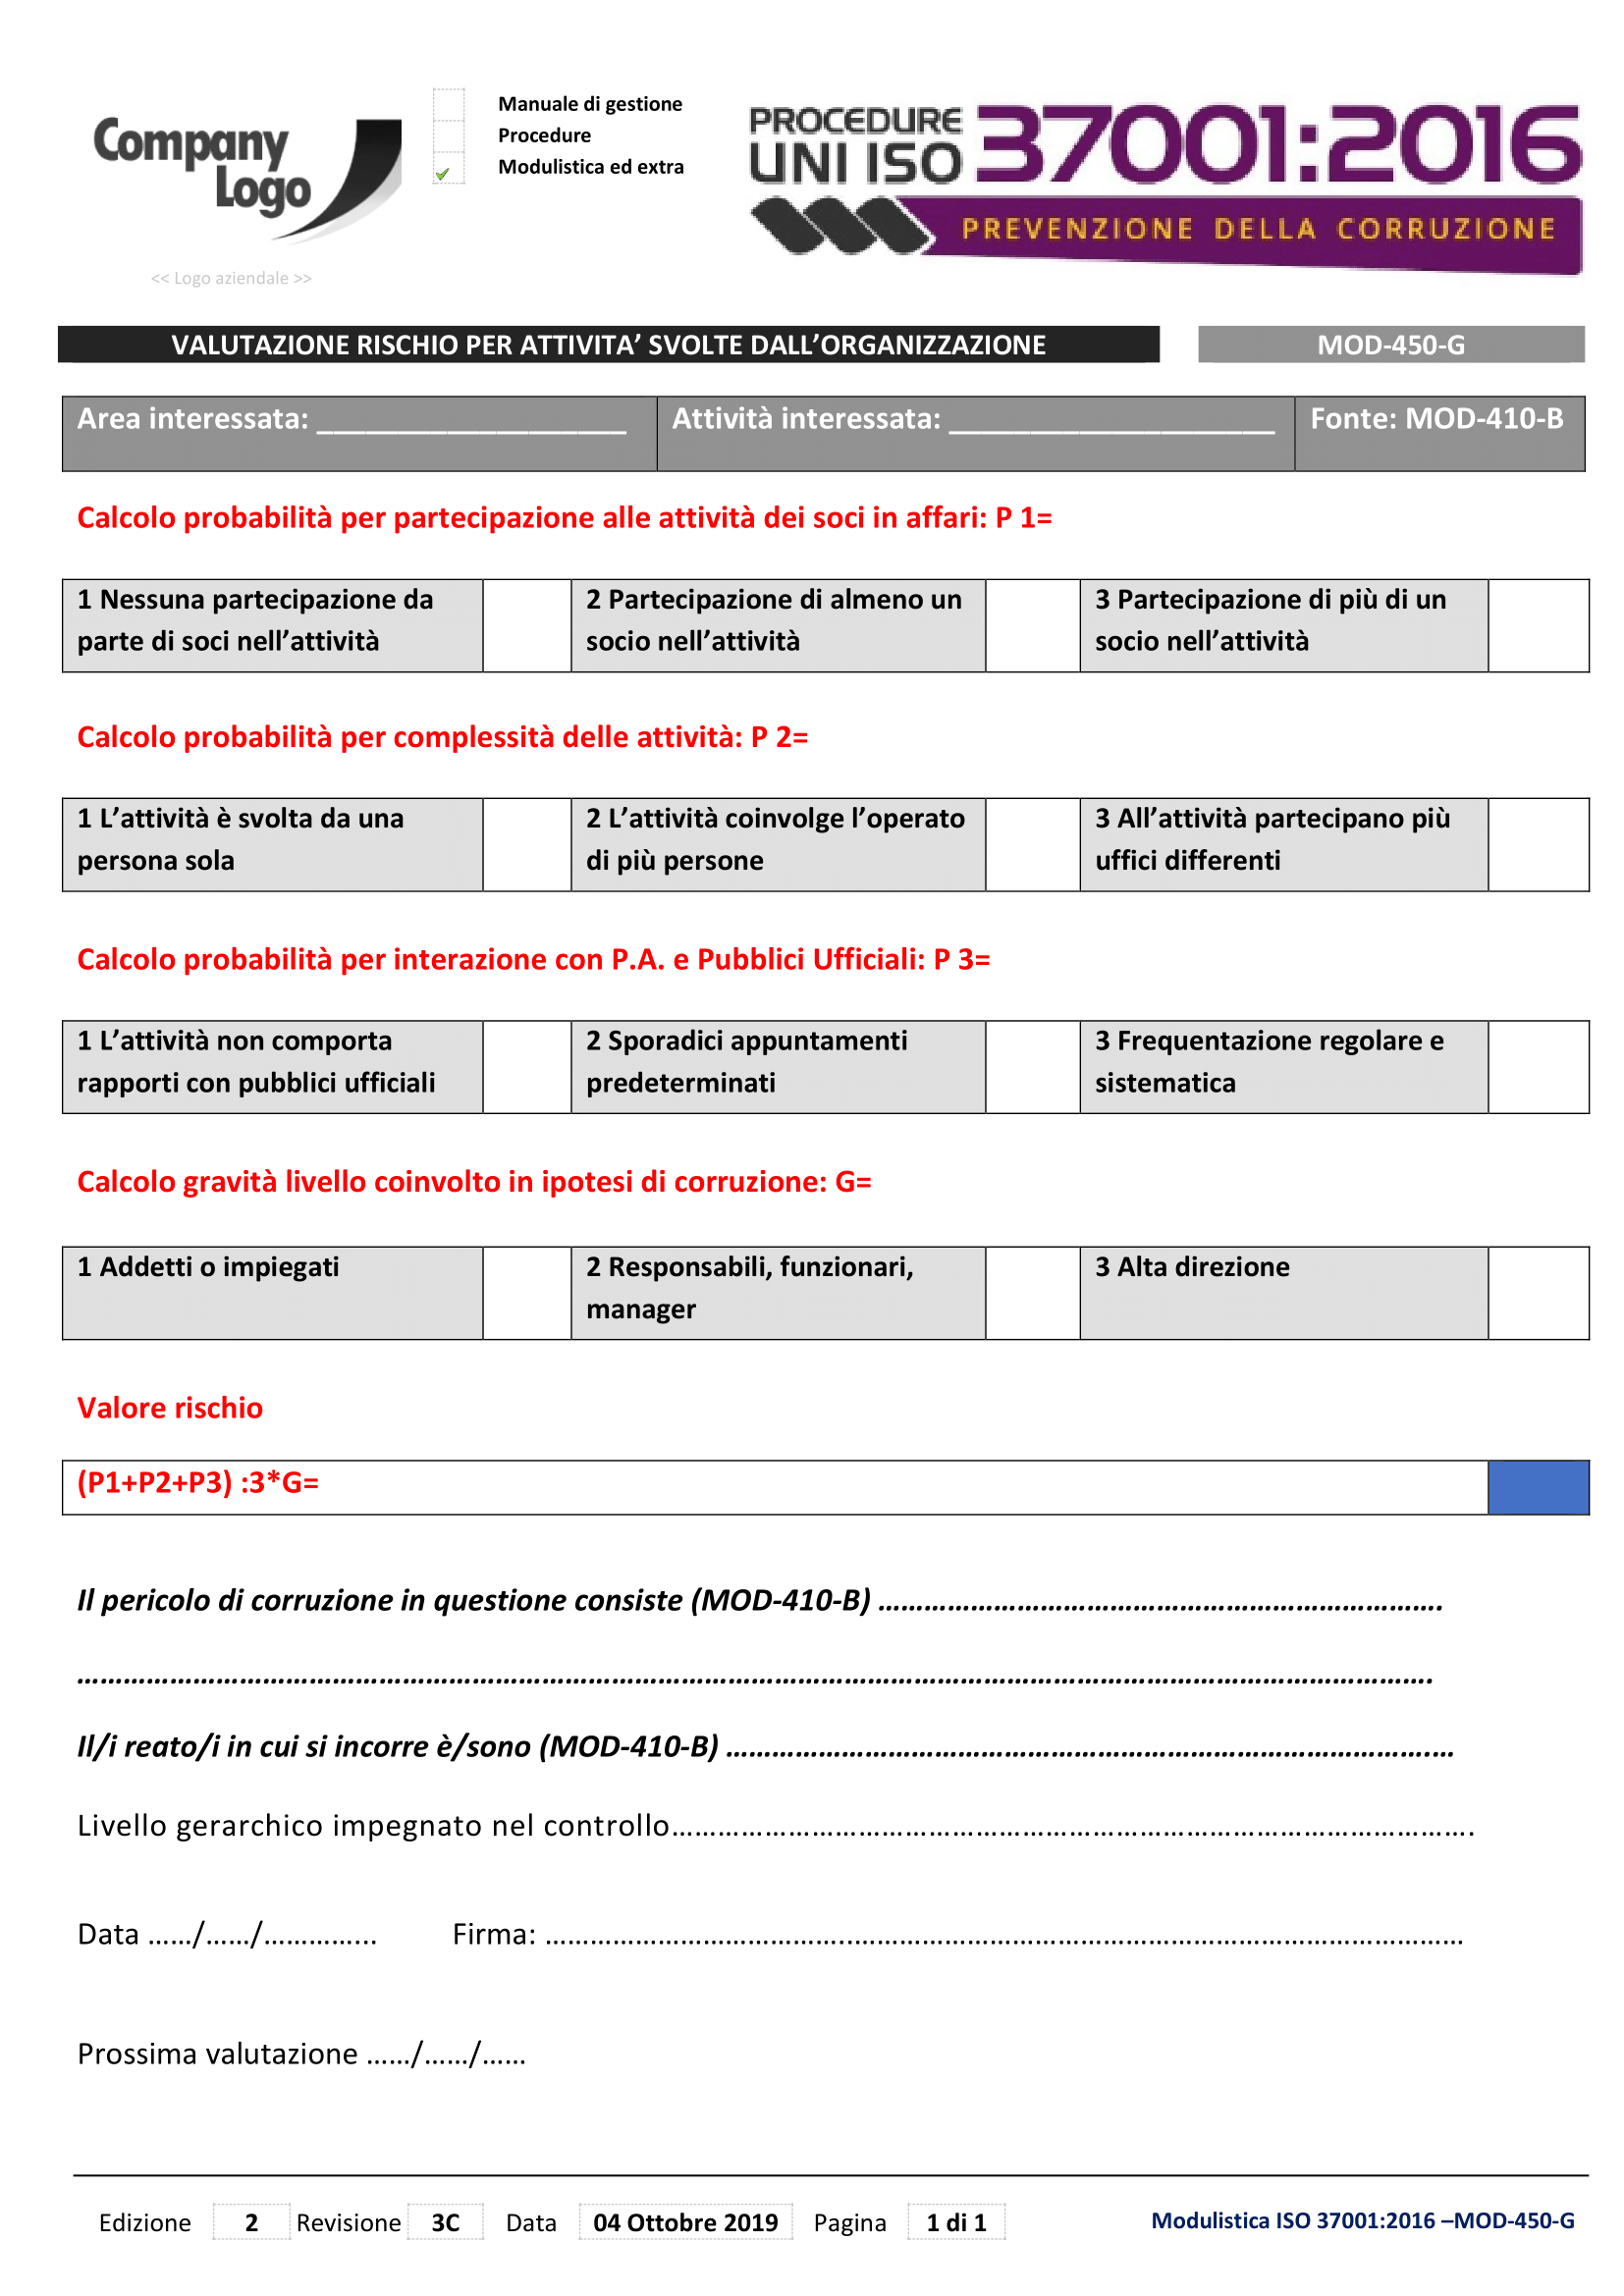 13.valuzione-per-rischio-attivita-37001